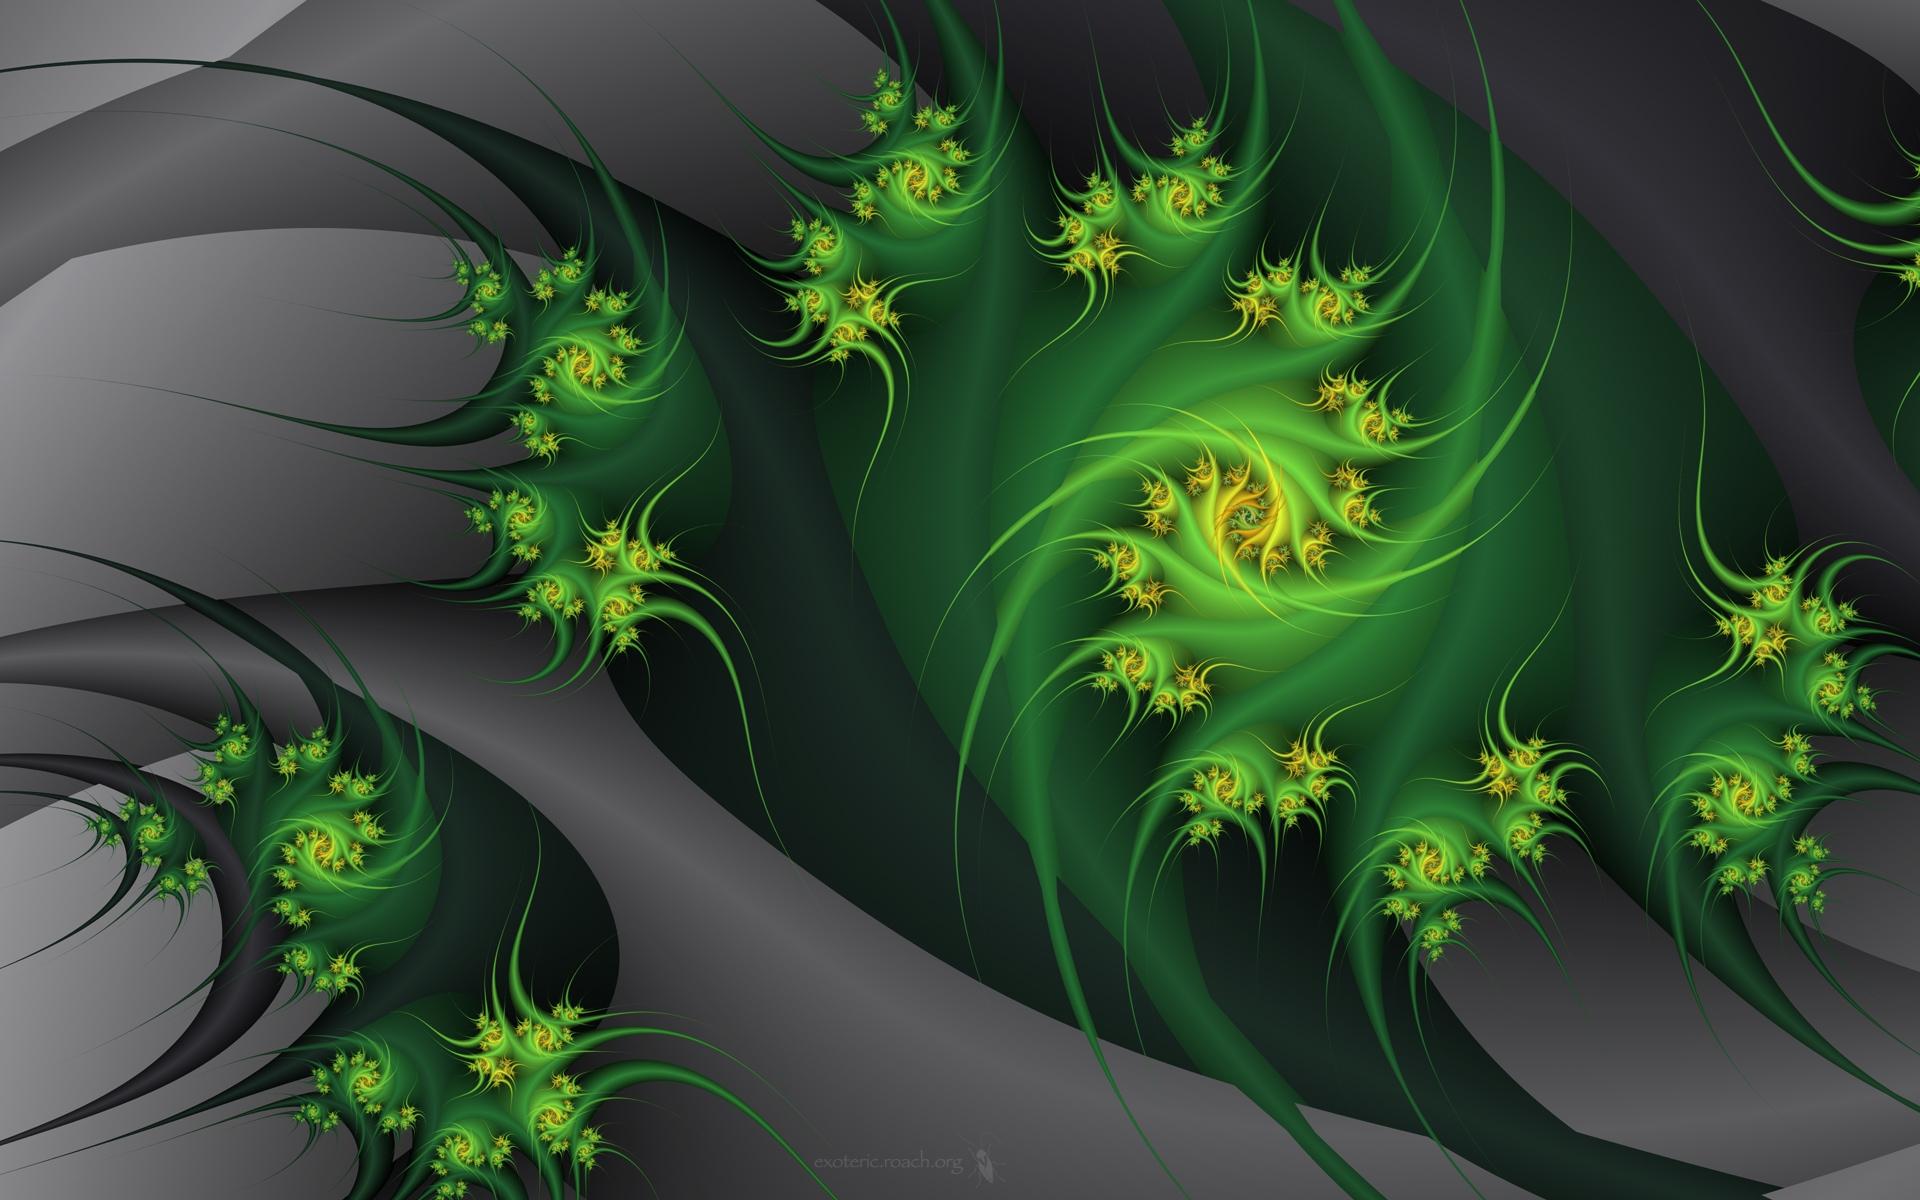 картинки серо-зеленых цветов положение таблице